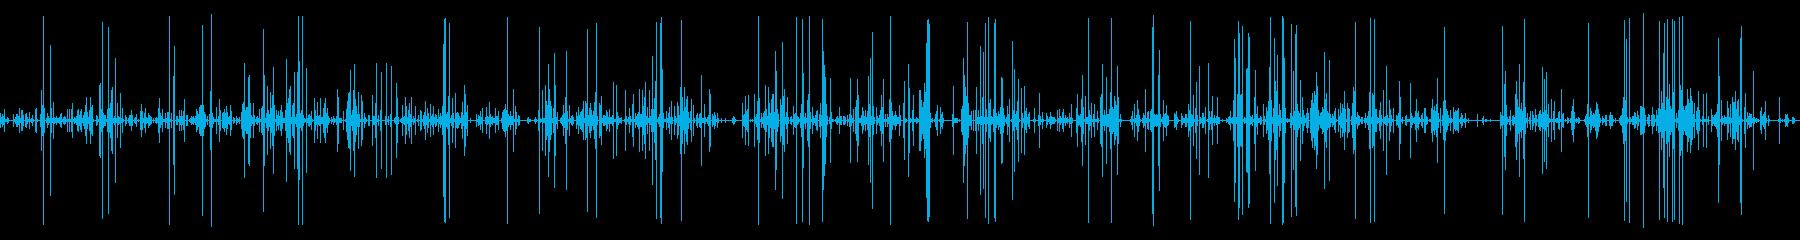 猫がキャットフードを食べてる音01の再生済みの波形